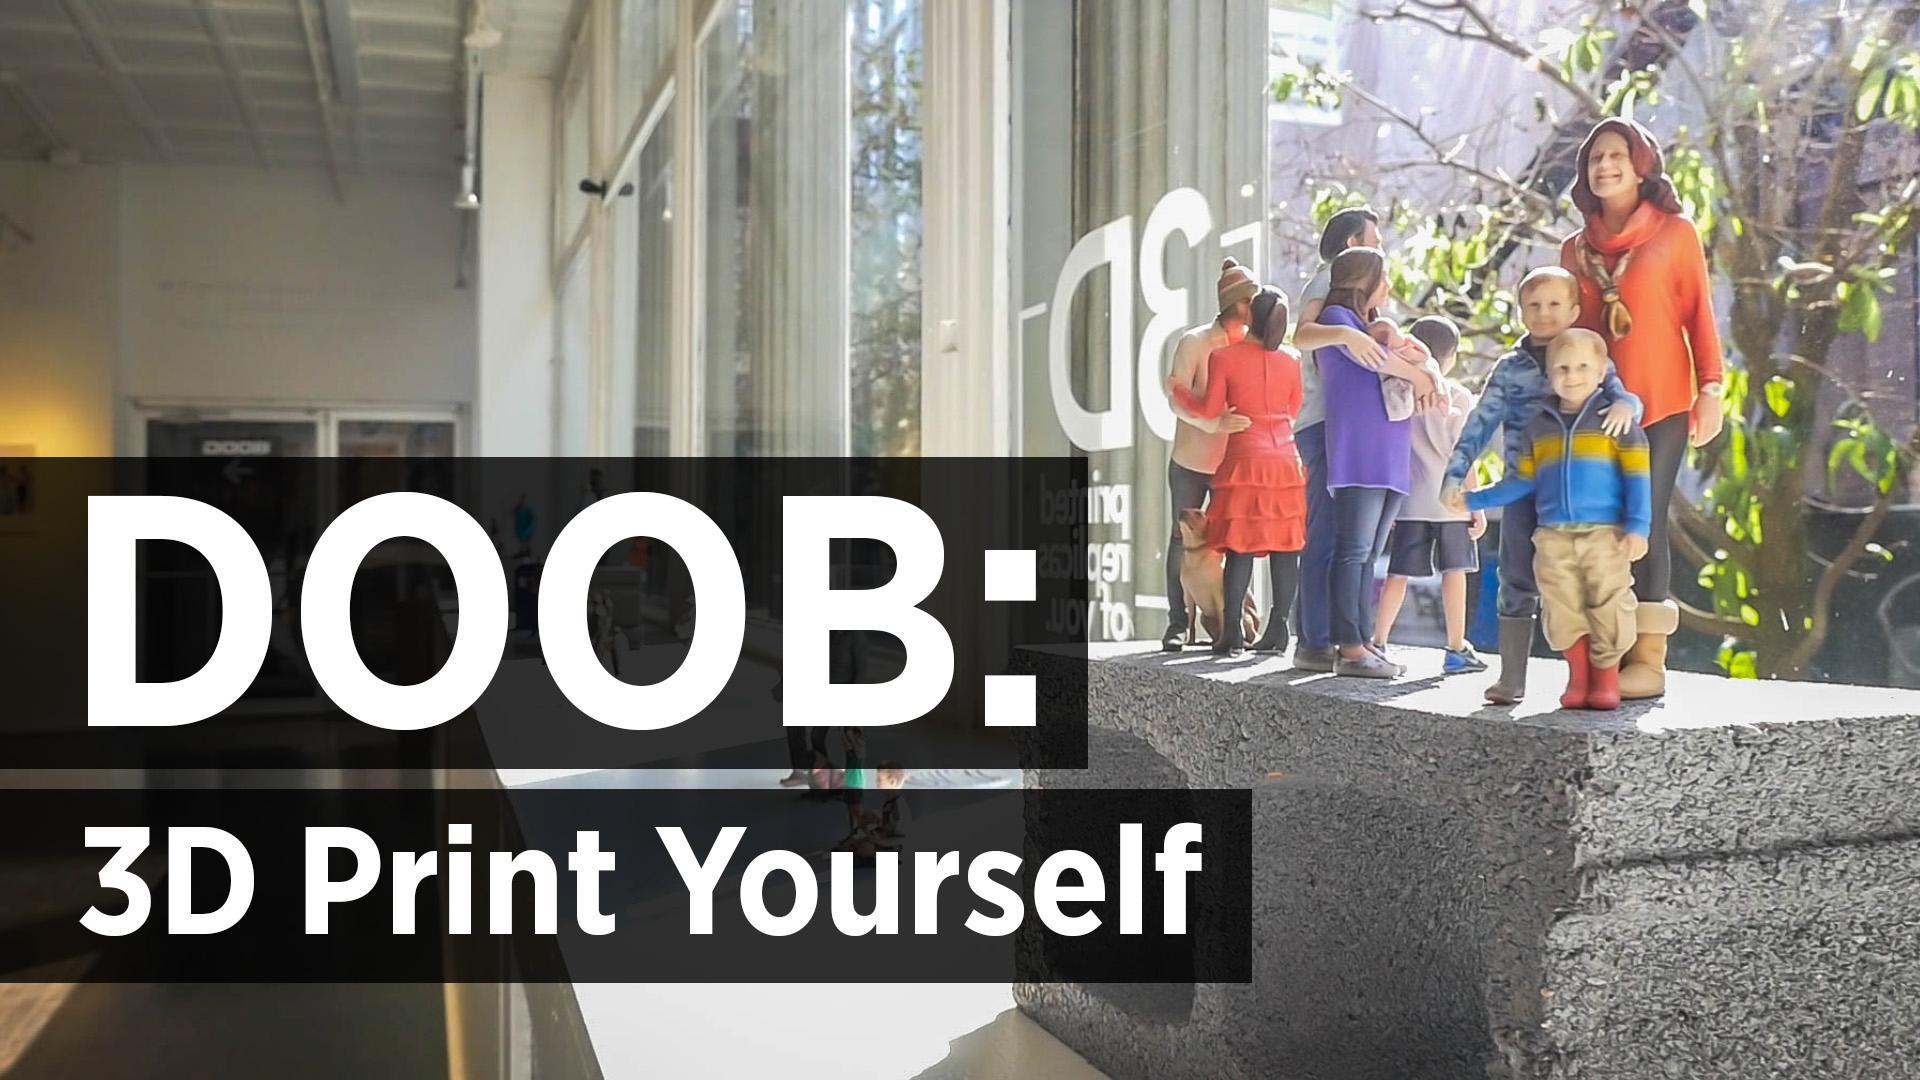 DOOB: 3D Print Yourself